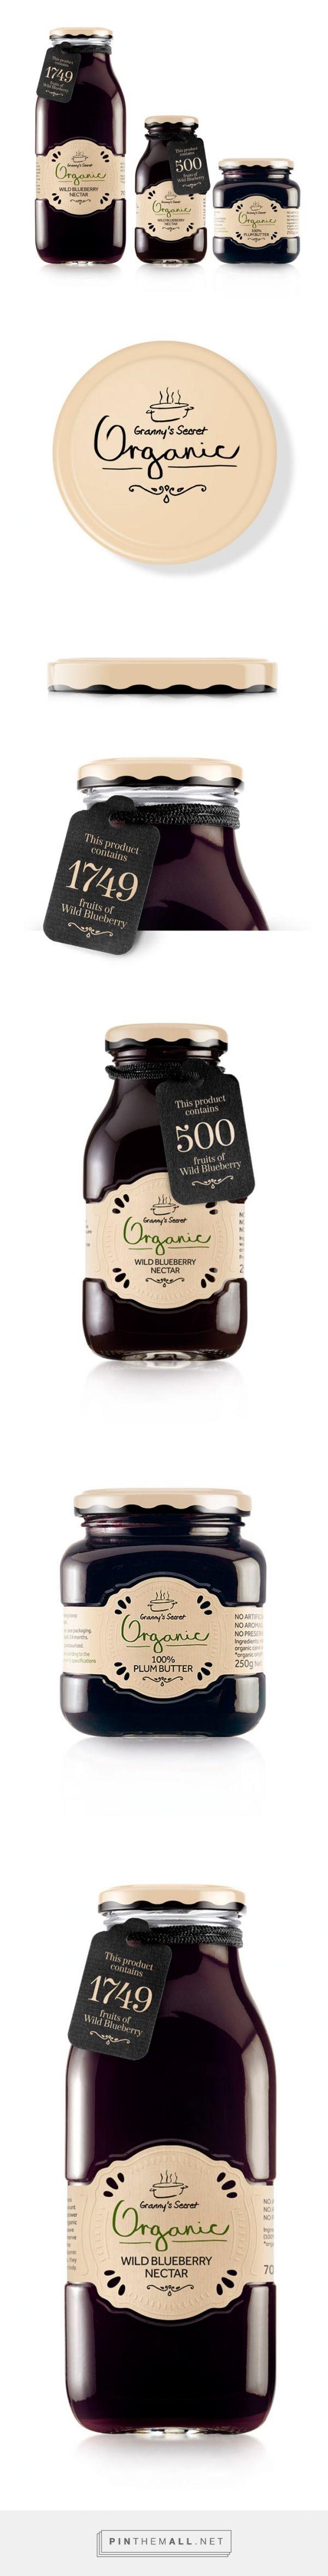 Granny's Secret Organic — The Dieline - Branding & Packaging